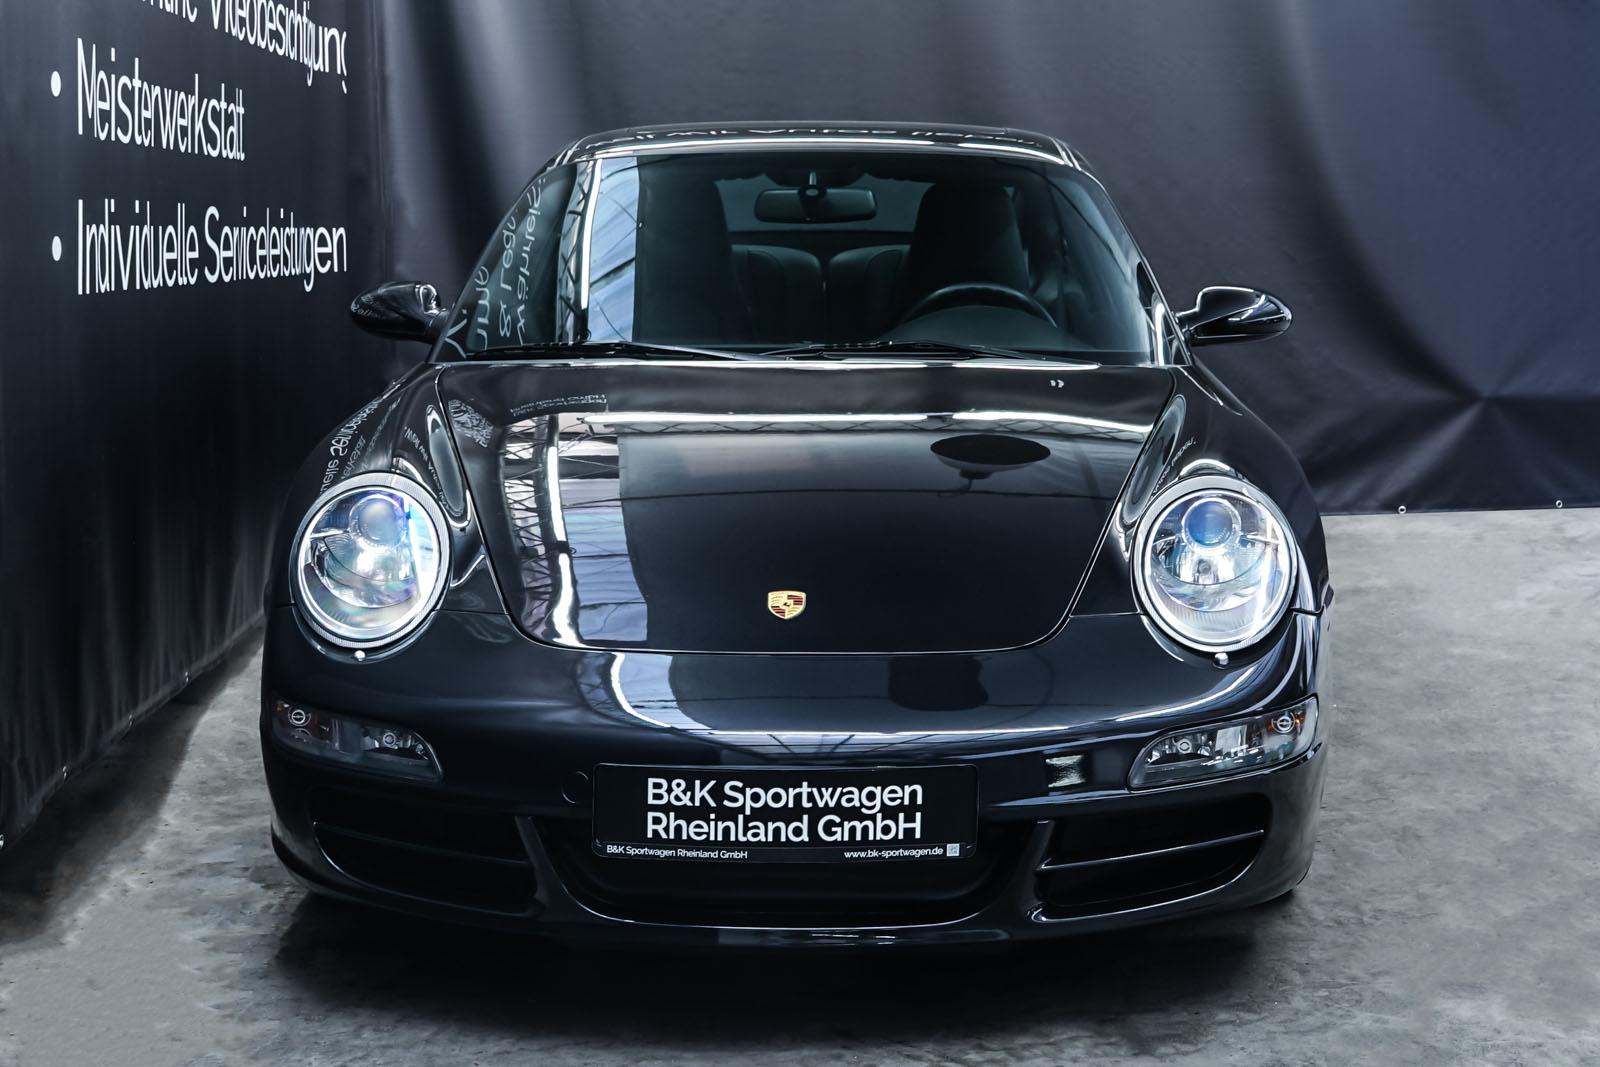 Porsche_997_C2_Schwarz_Schwarz_POR-3384_1_w